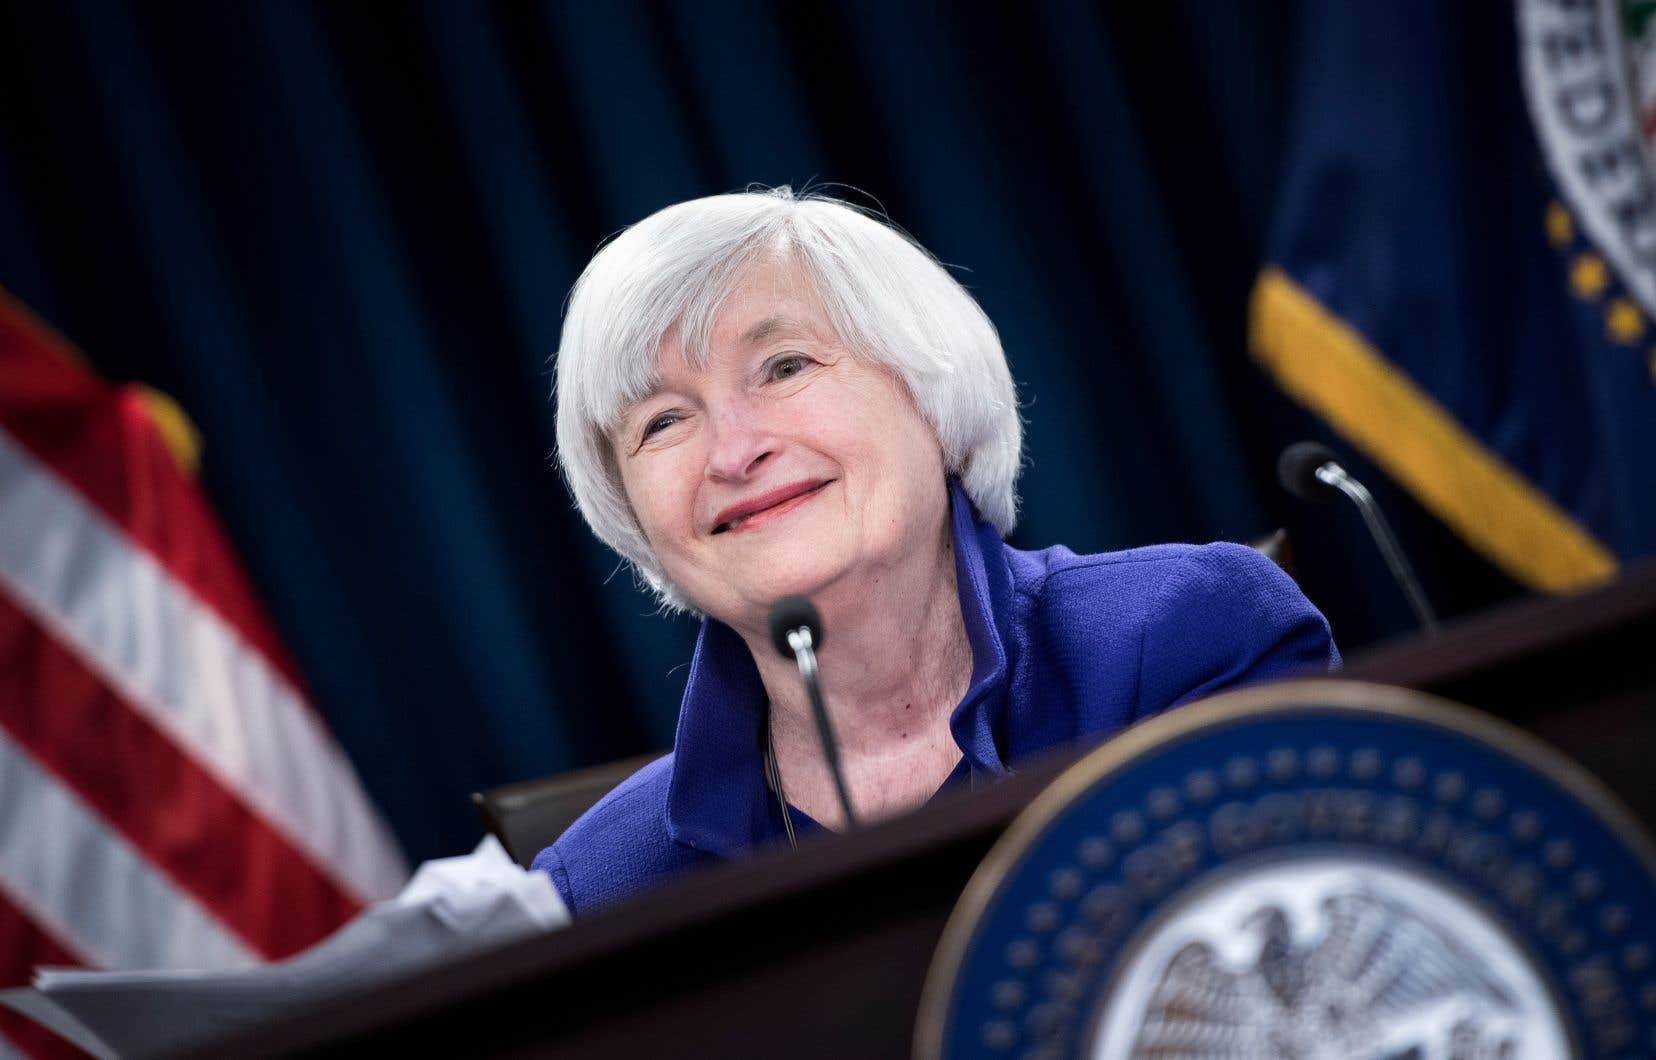 Appelée à prendre la suite des mesures exceptionnelles appliquées par Ben Bernanke en réponse à une crise financière aussi exceptionnelle, Janet Yellen a su mener la transition vers une normalisation de la politique monétaire.